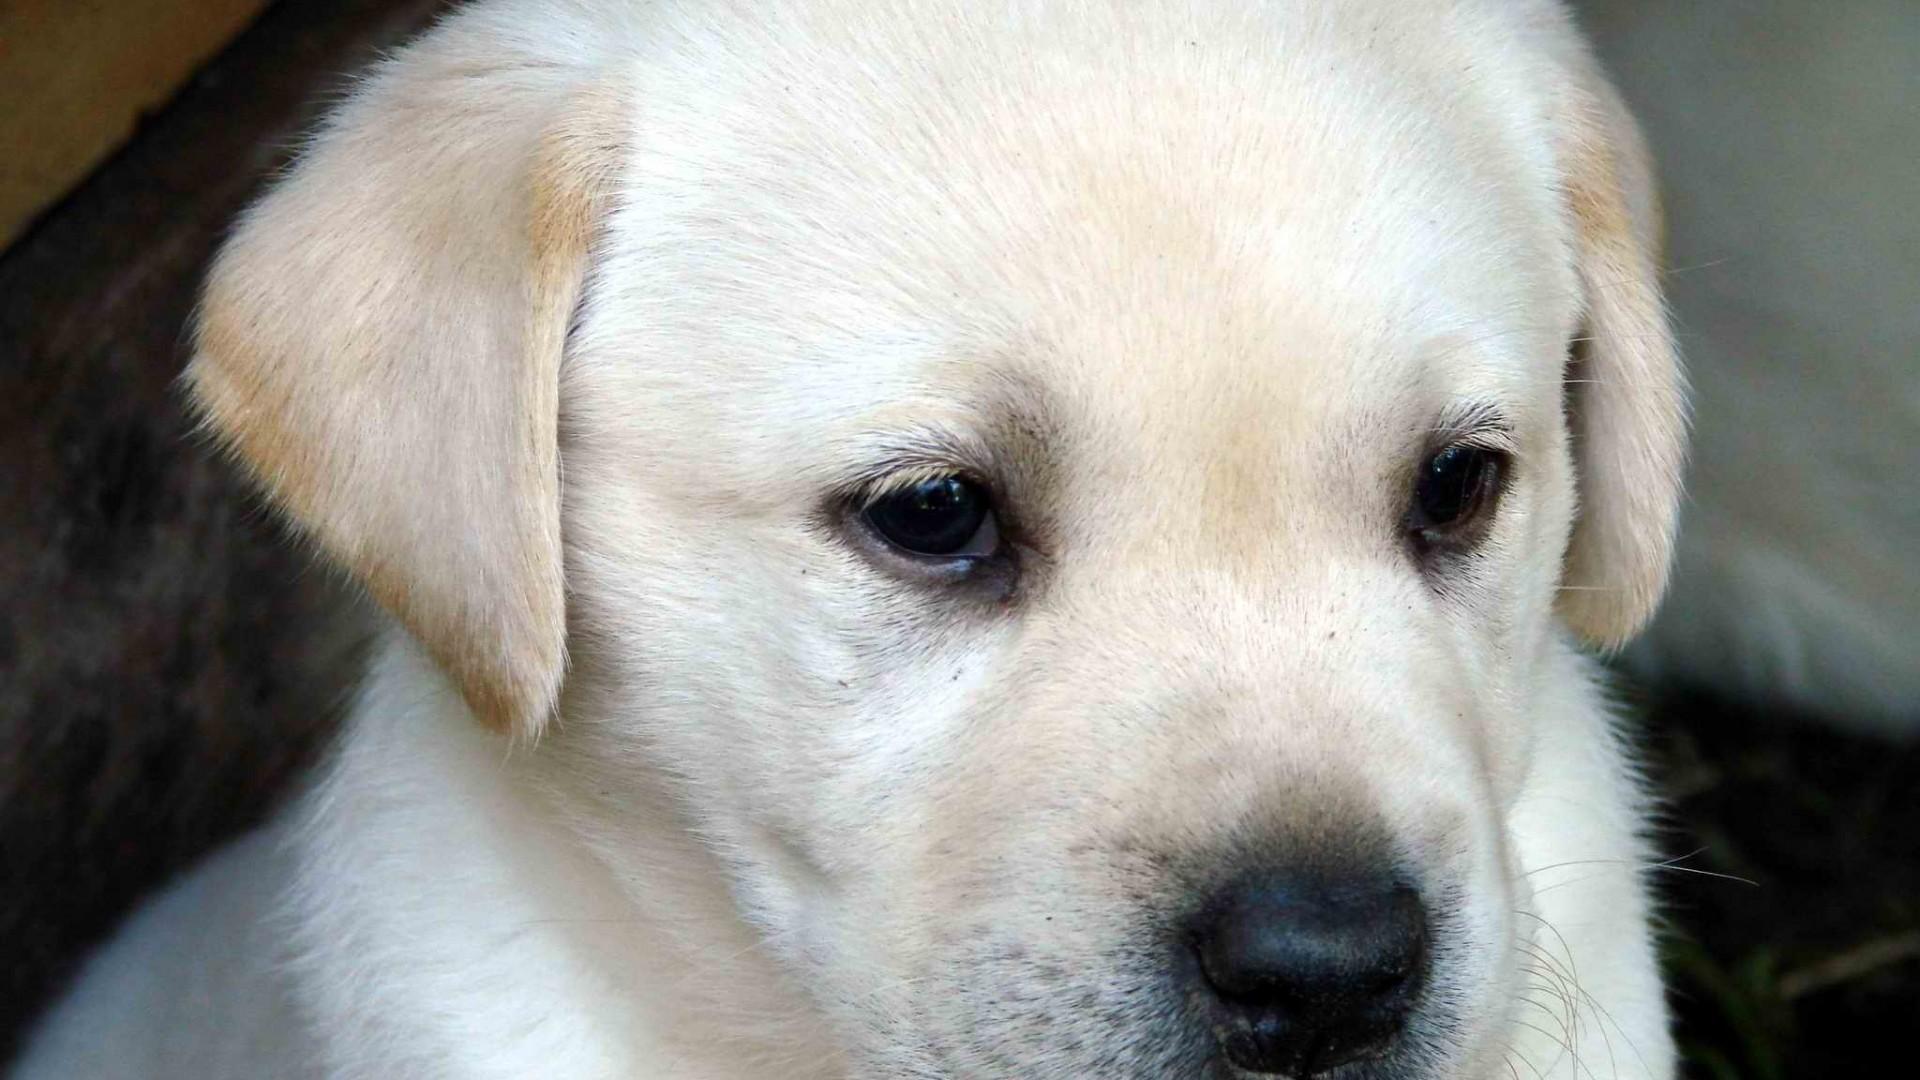 Preview wallpaper labrador, puppy, dog, face, eyes, sadness 1920×1080